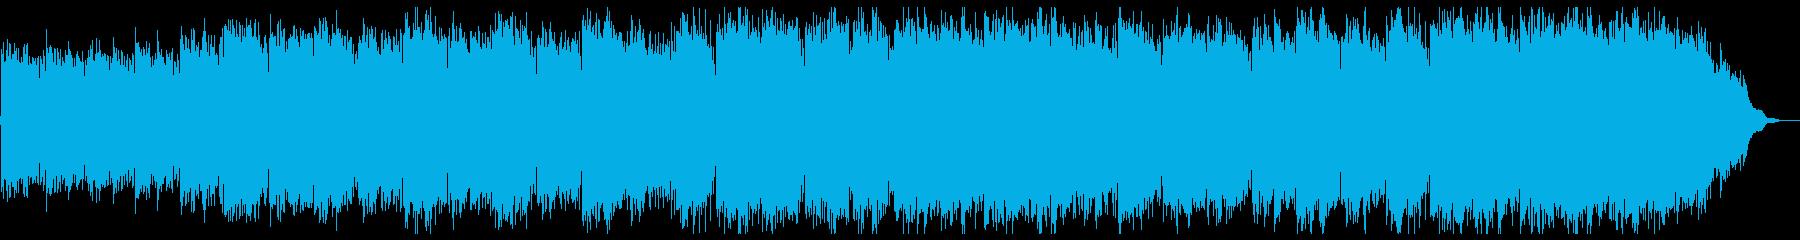 シンプルな癒し系ピアノとストリングスの再生済みの波形